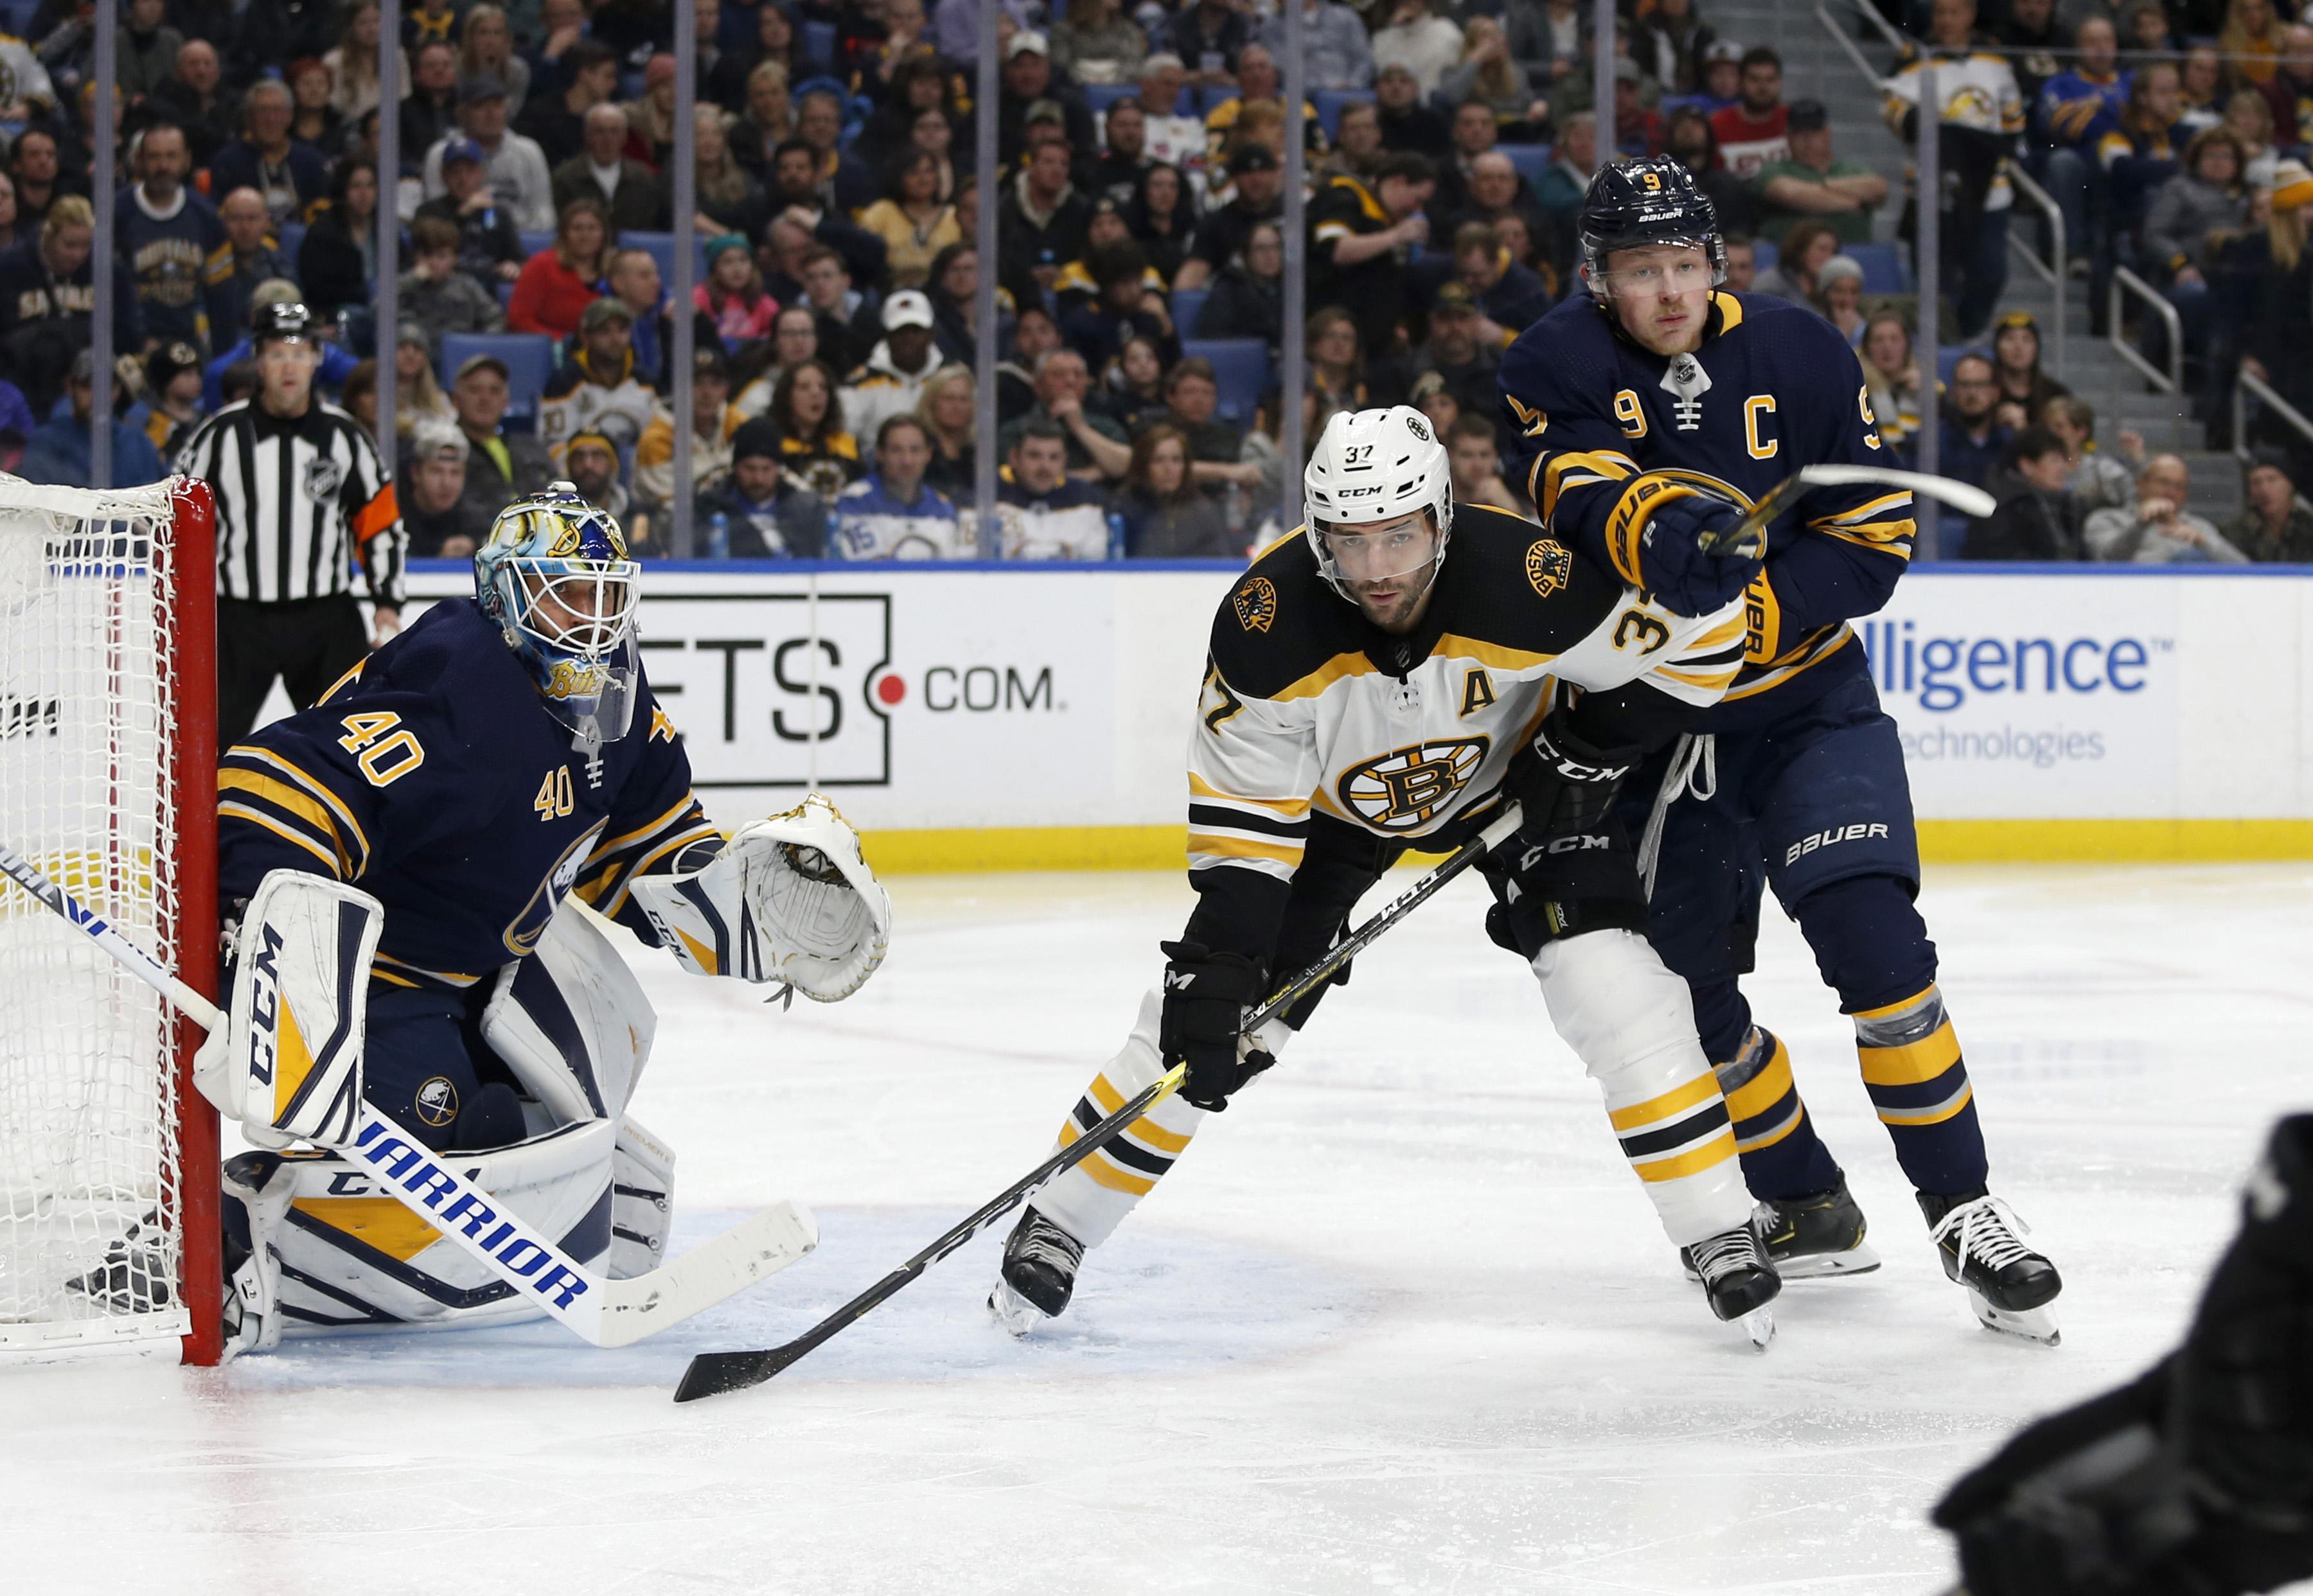 NHL: Boston Bruins at Buffalo Sabres